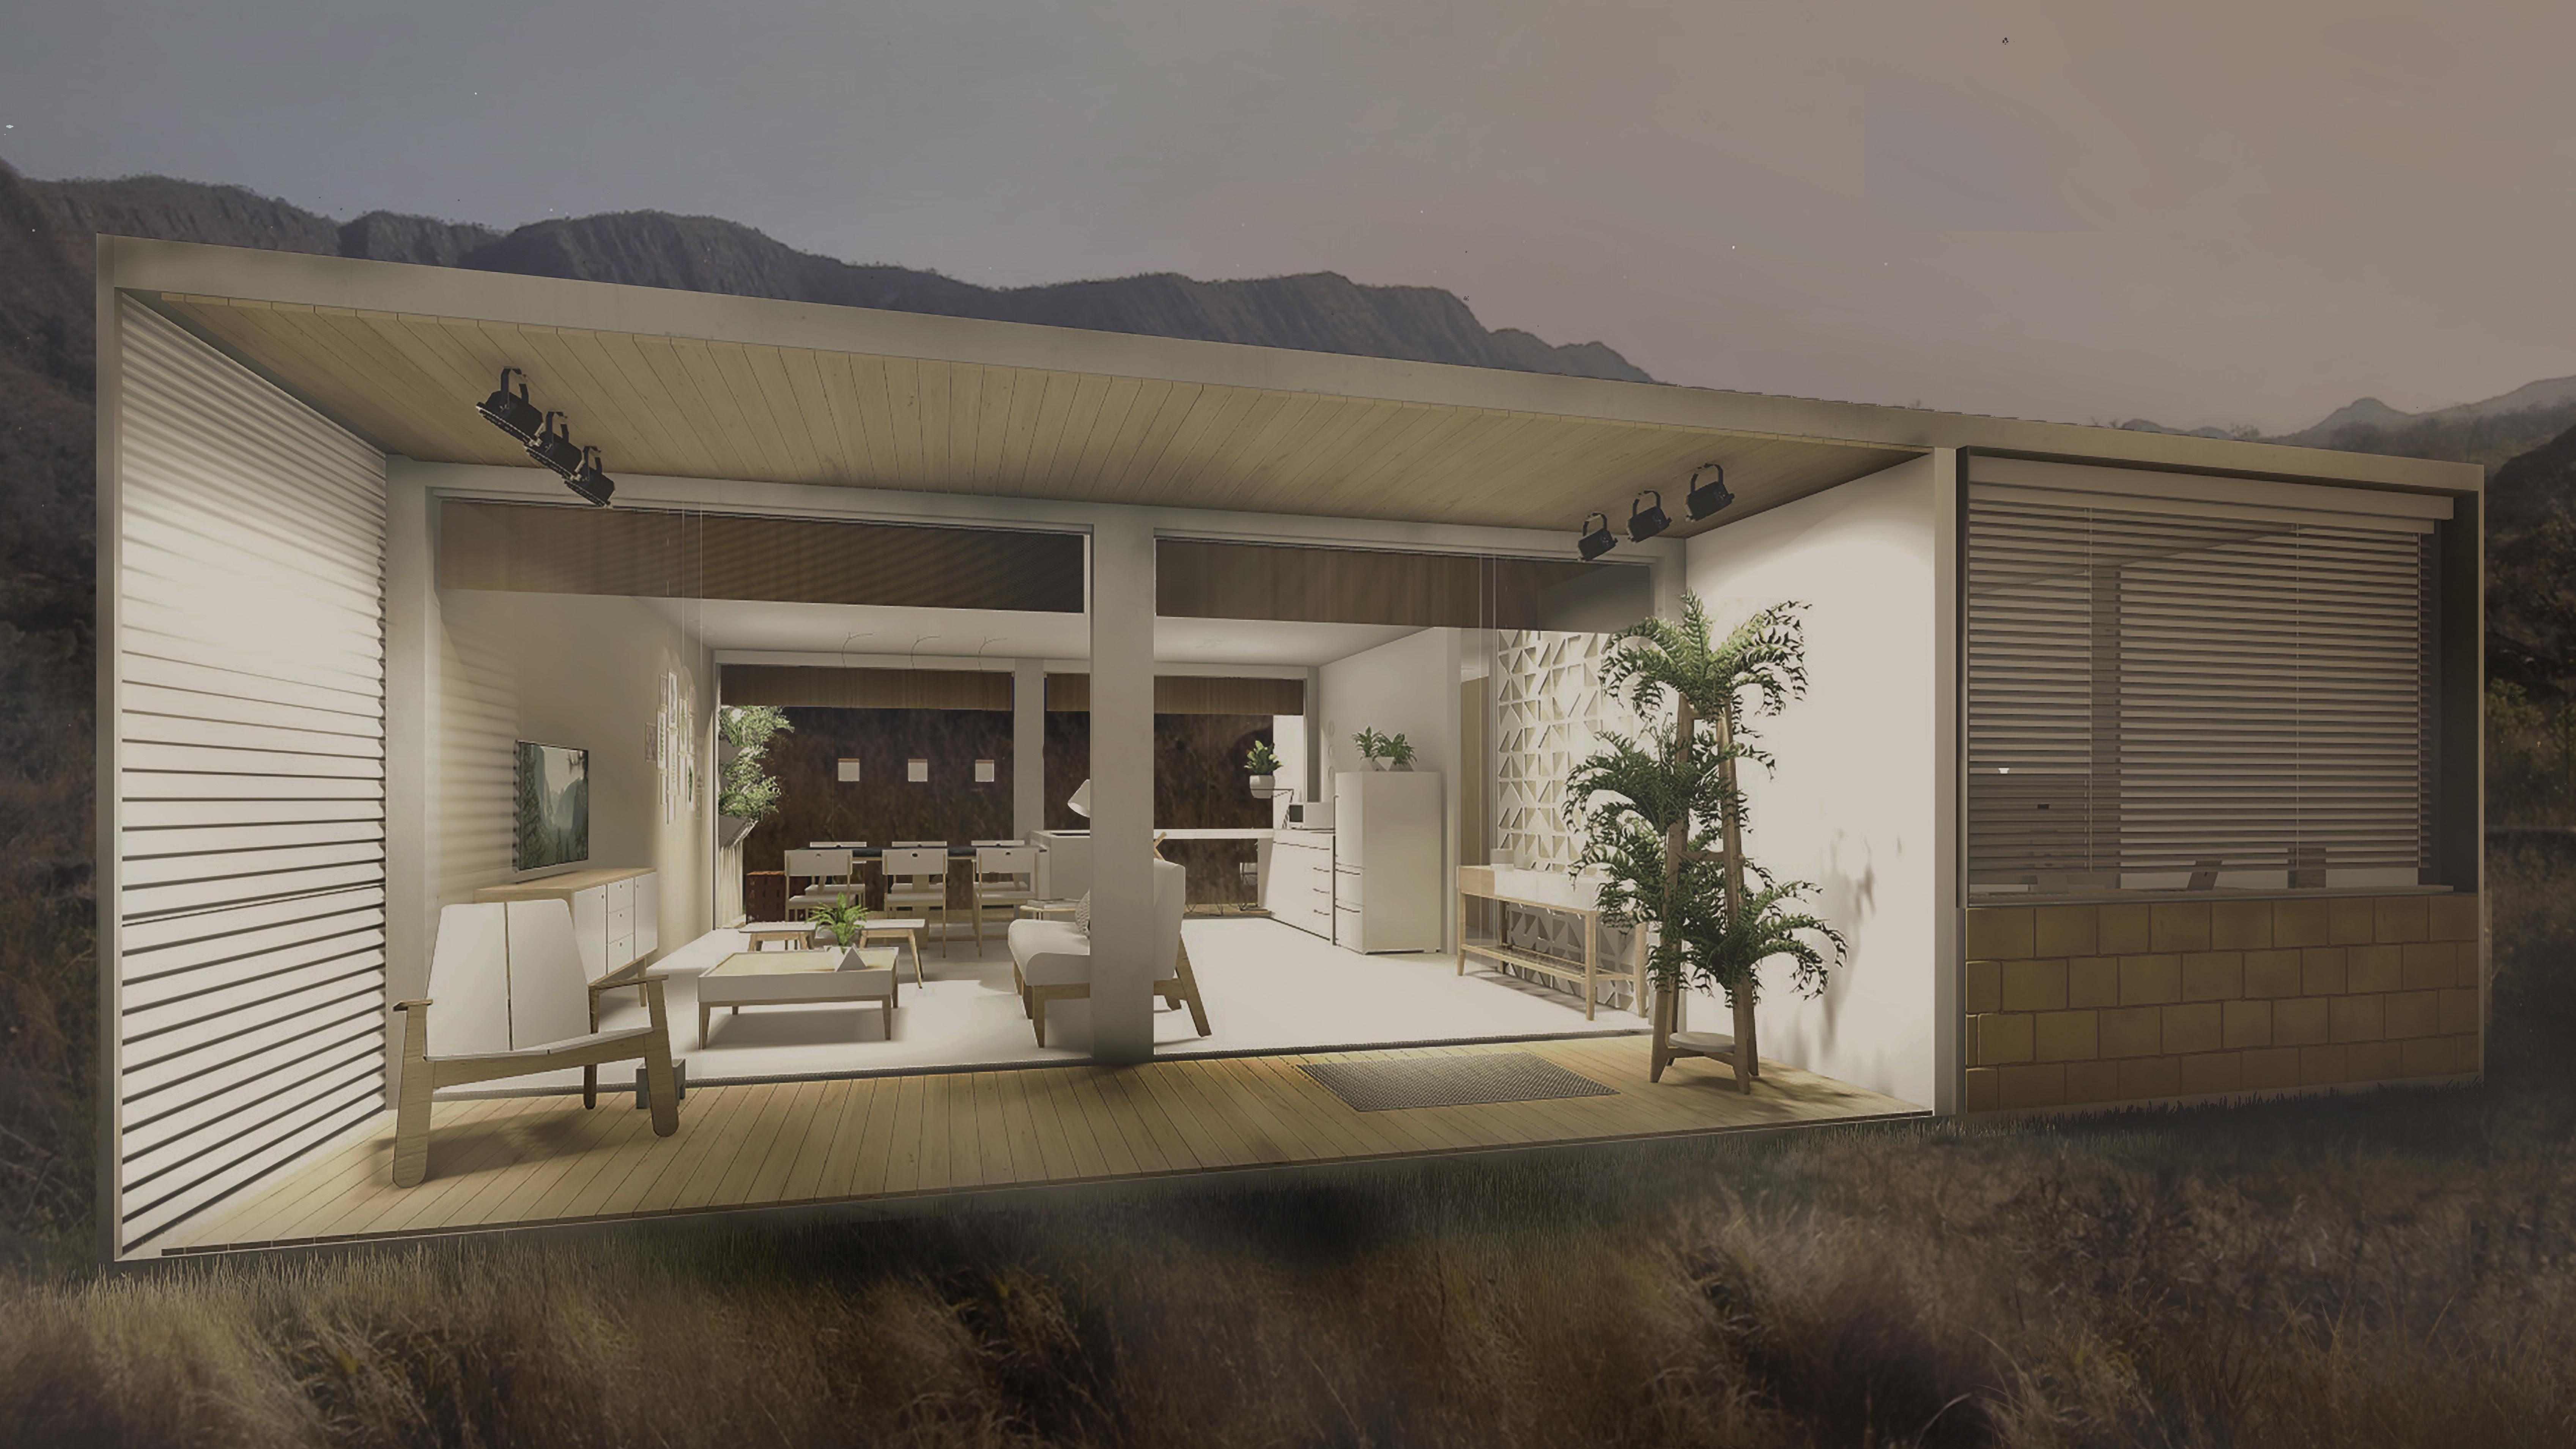 Casa chassi na serra projeto vencedor do pr mio hometeka for Casas e interiores